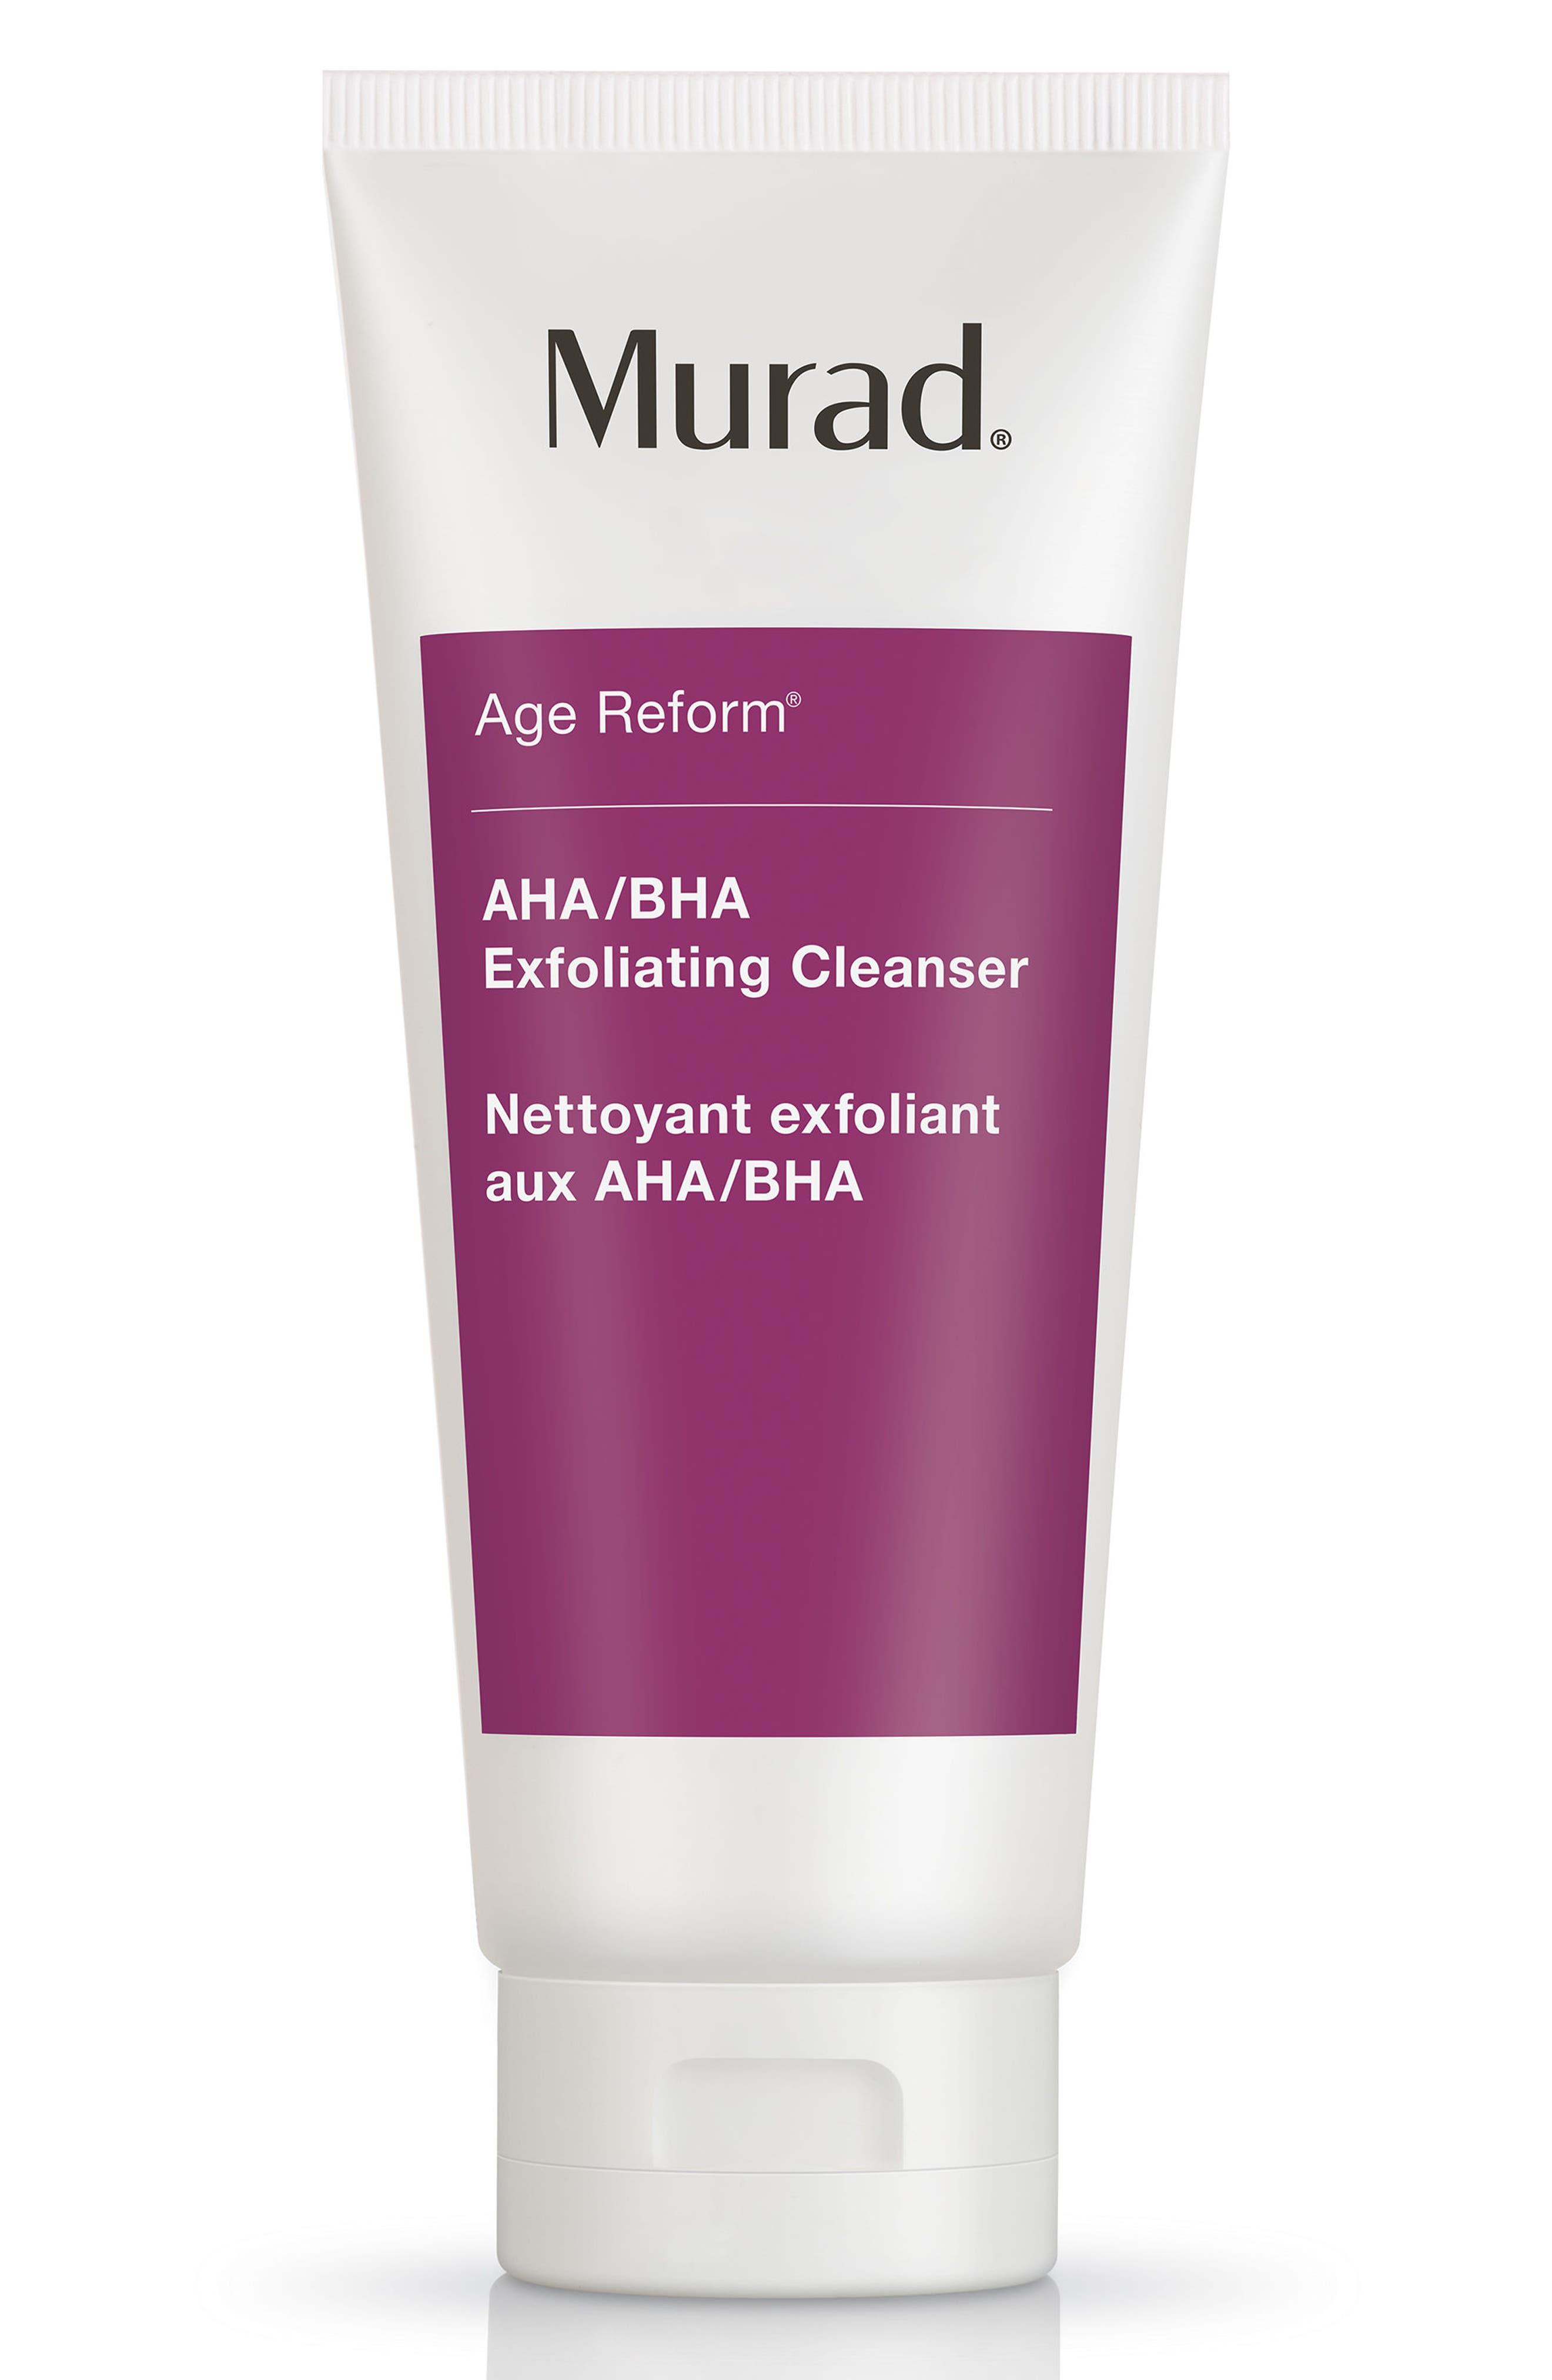 Murad® AHA/BHA Exfoliating Cleanser